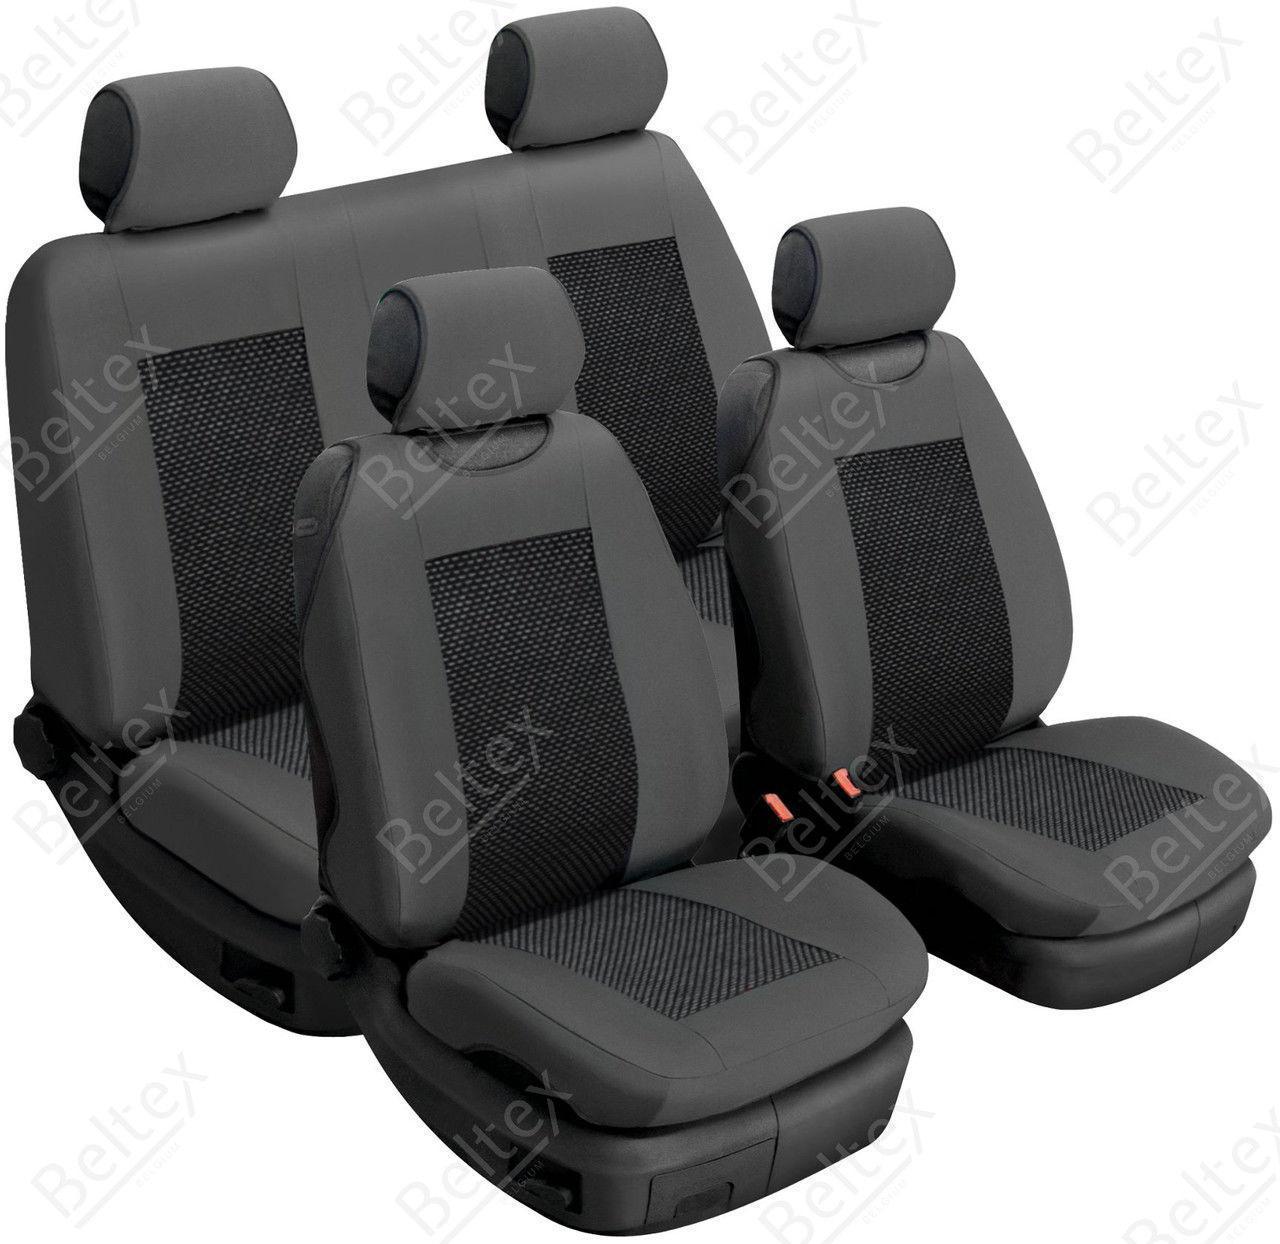 Майки/чехлы на сиденья Пежо 207 (Peugeot 207)